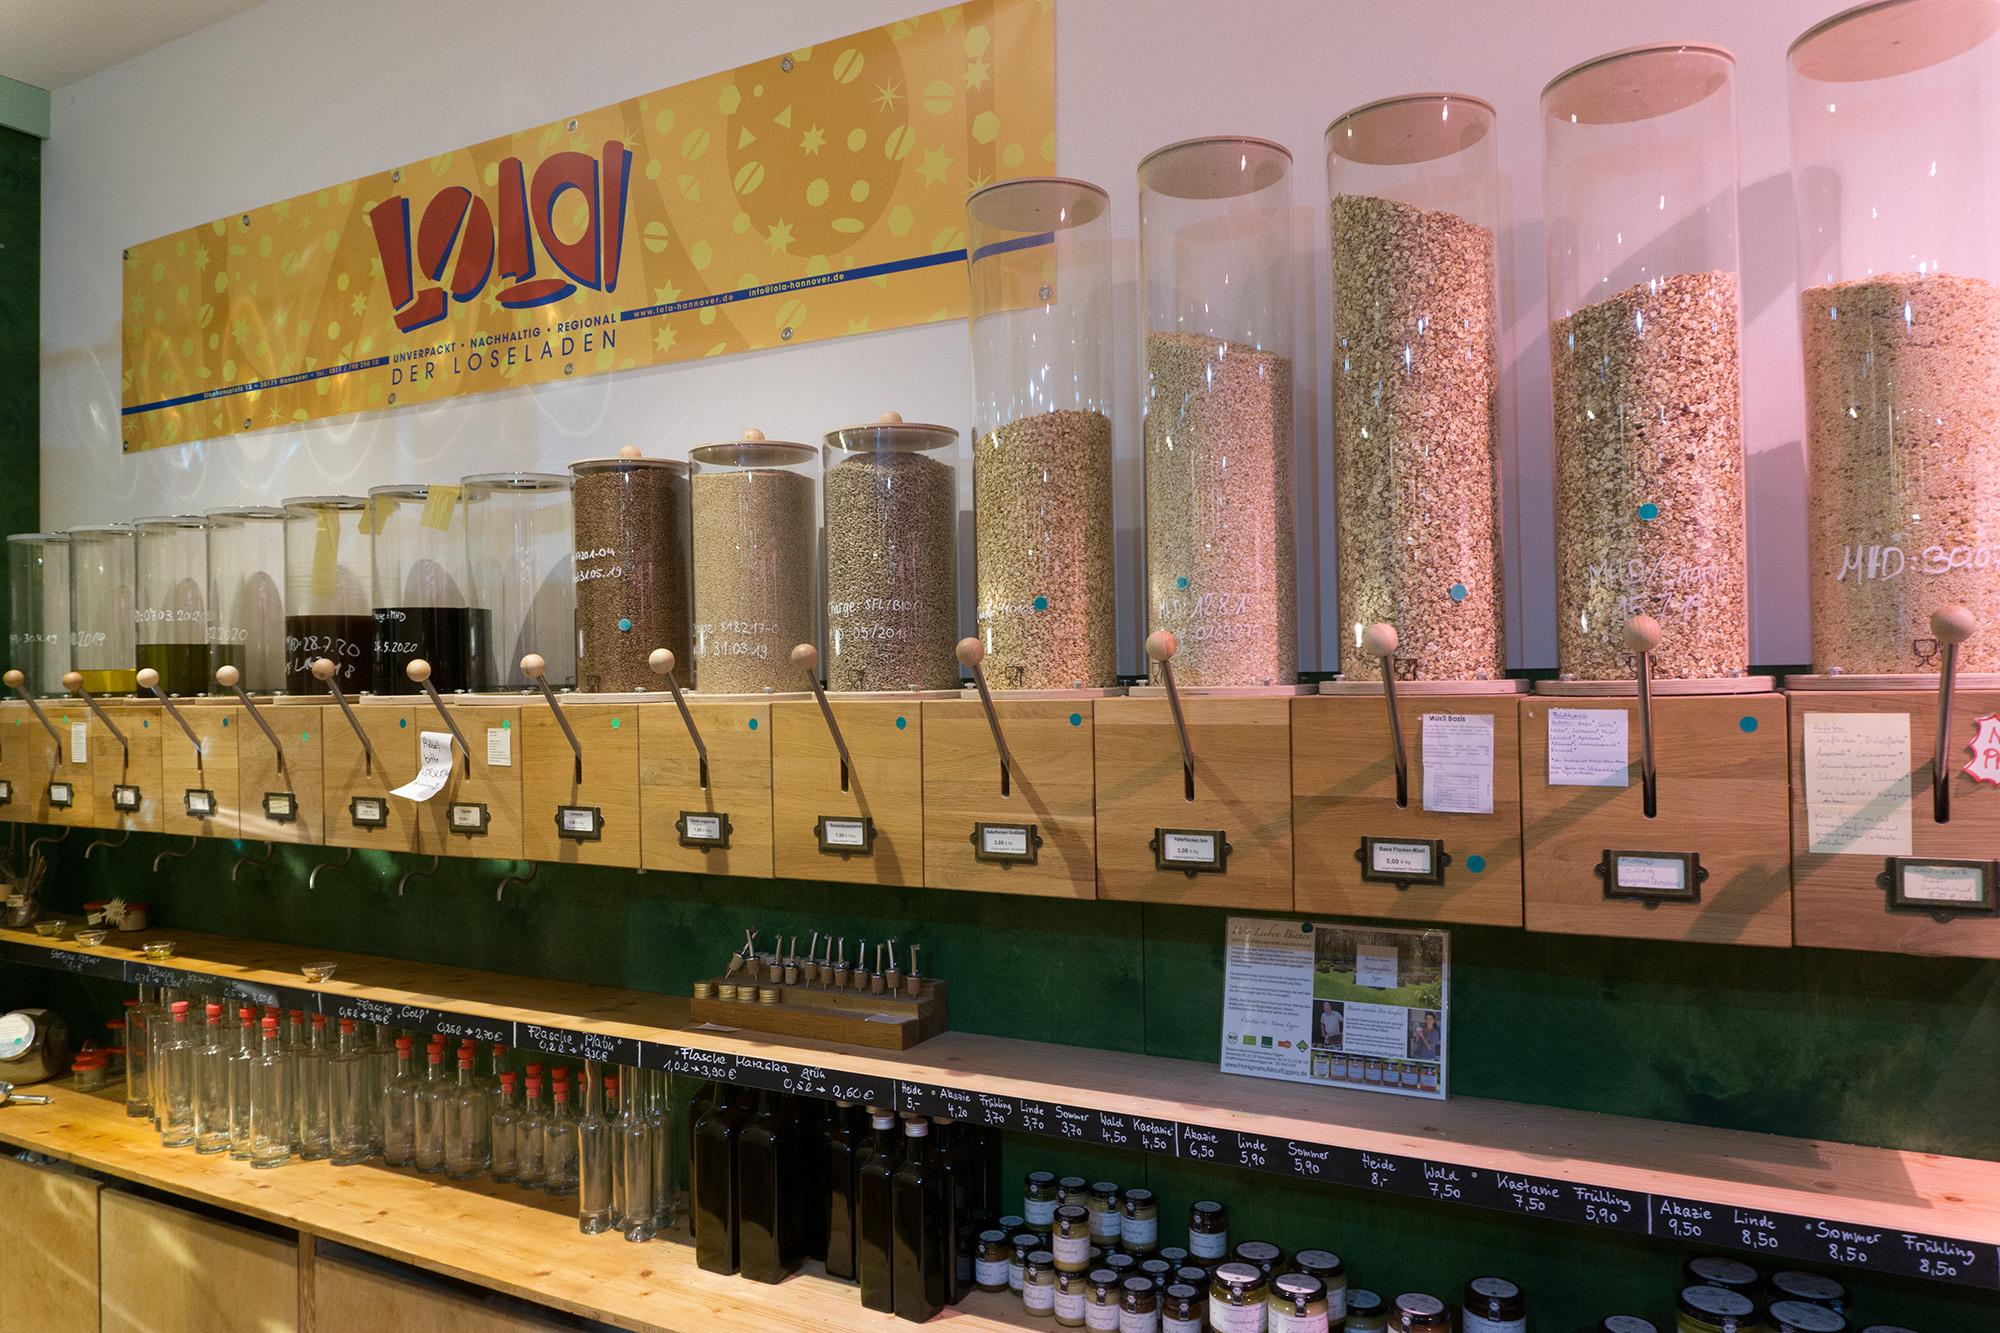 Unverpacktladen Hannover